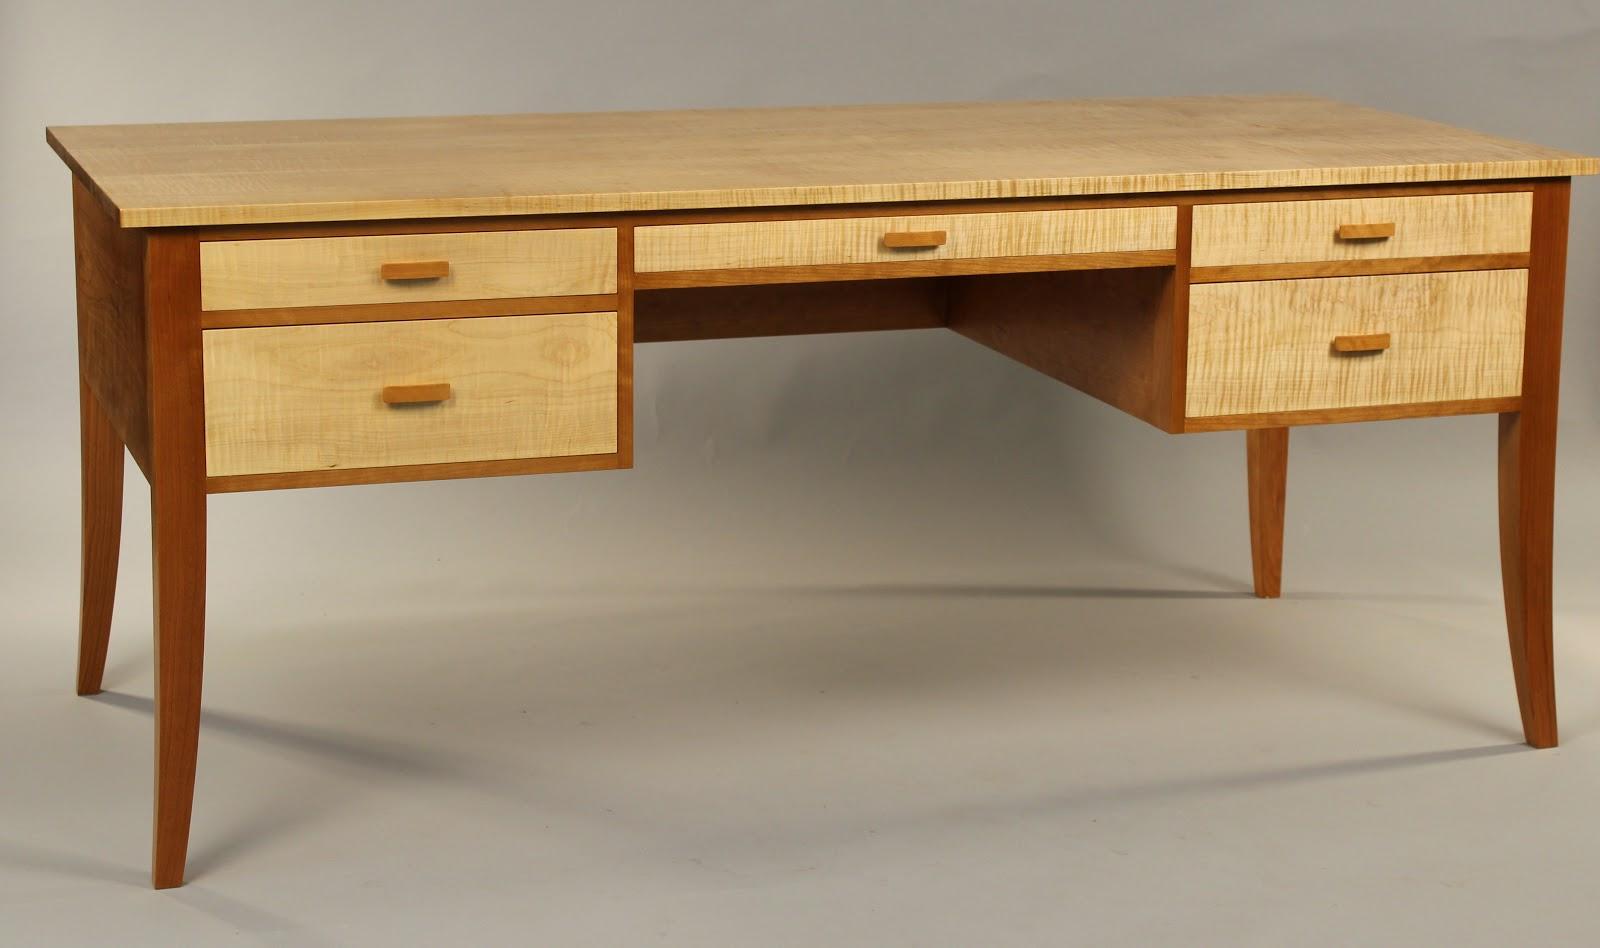 Fine Furniture Makers